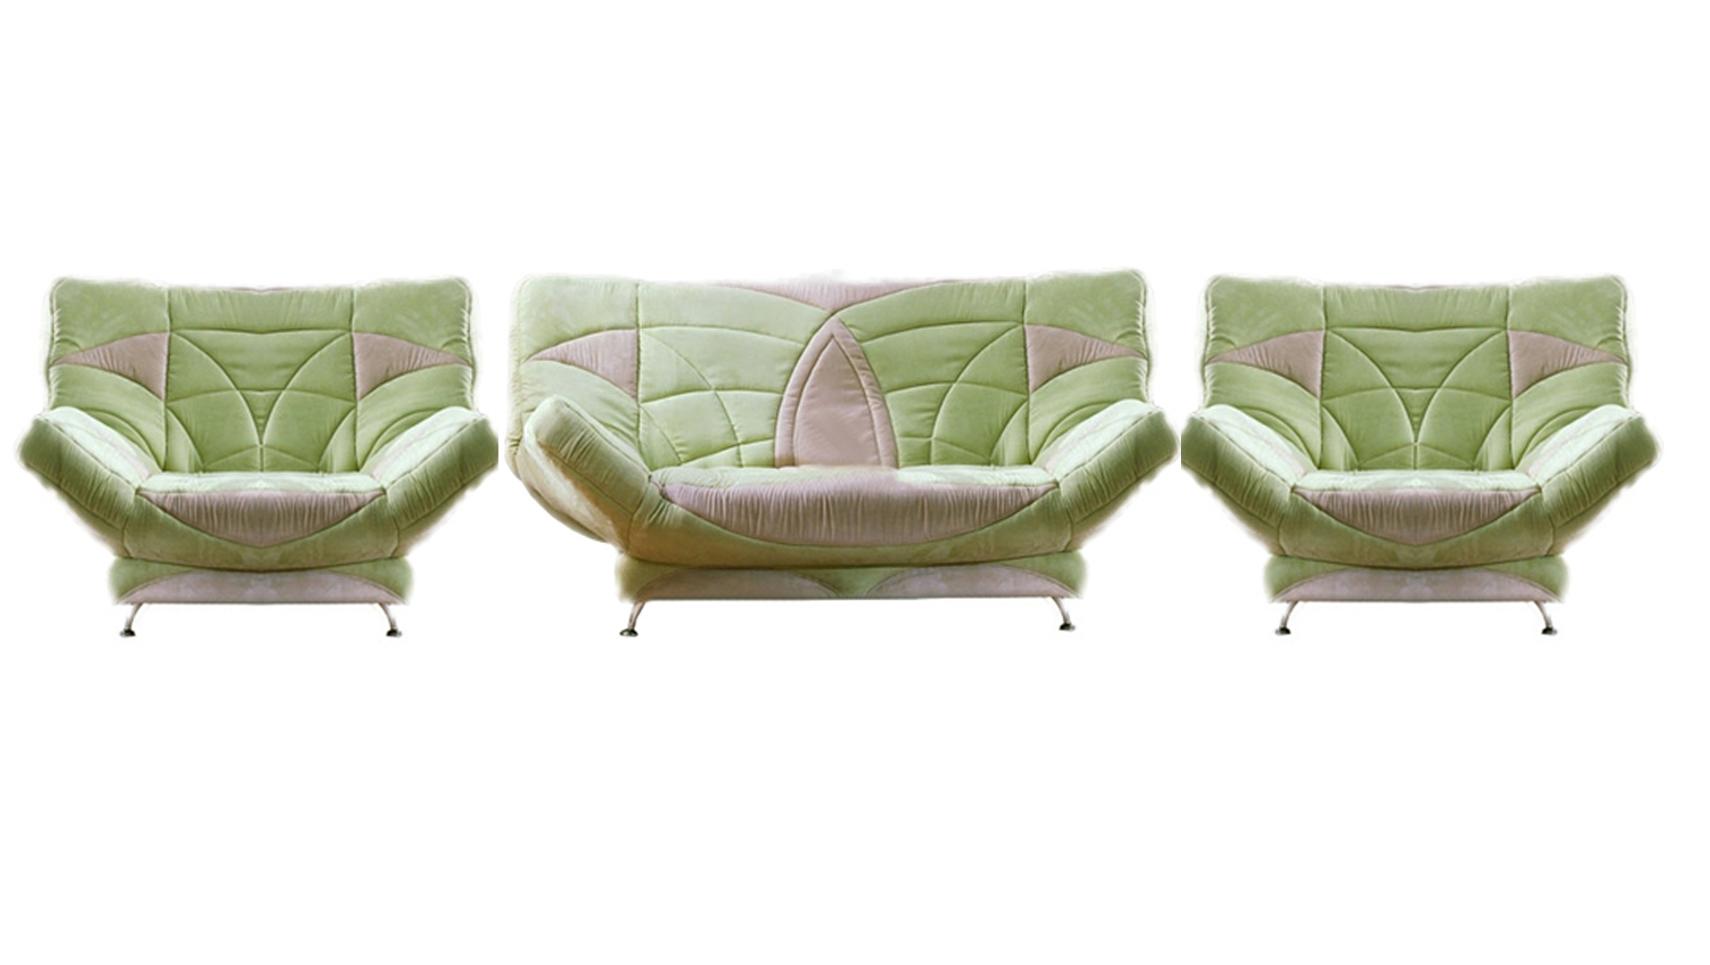 Комплект мягкой мебели Весна 3+1+1Комплекты мягкой мебели<br>Размер: диван: 210х105 В103 (сп. м. 140х210); кресло: 140х105 В103 (сп. м. 135х200)<br><br>Механизм: Клик-кляк<br>Каркас: Металлический<br>Полный размер: 210х105 В103<br>Спальное место: 140х210<br>Размер кресла: 140х105 В103<br>Спальное место кресла: 135х200<br>Наполнитель: ППУ высокой плотности (Пенополиуретан)<br>Комплектация: Ящик для белья<br>Примечание: Стоимость указана по минимальной категории ткани<br>Изготовление и доставка: 14-16 дней<br>Условия доставки: Бесплатная по Москве до подъезда<br>Условие оплаты: Оплата наличными при получении товара<br>Подъем на грузовом лифте: 1750 руб.<br>Сборка: 600 руб.<br>Гарантия: 12 месяцев<br>Производство: Россия<br>Производитель: Фиеста